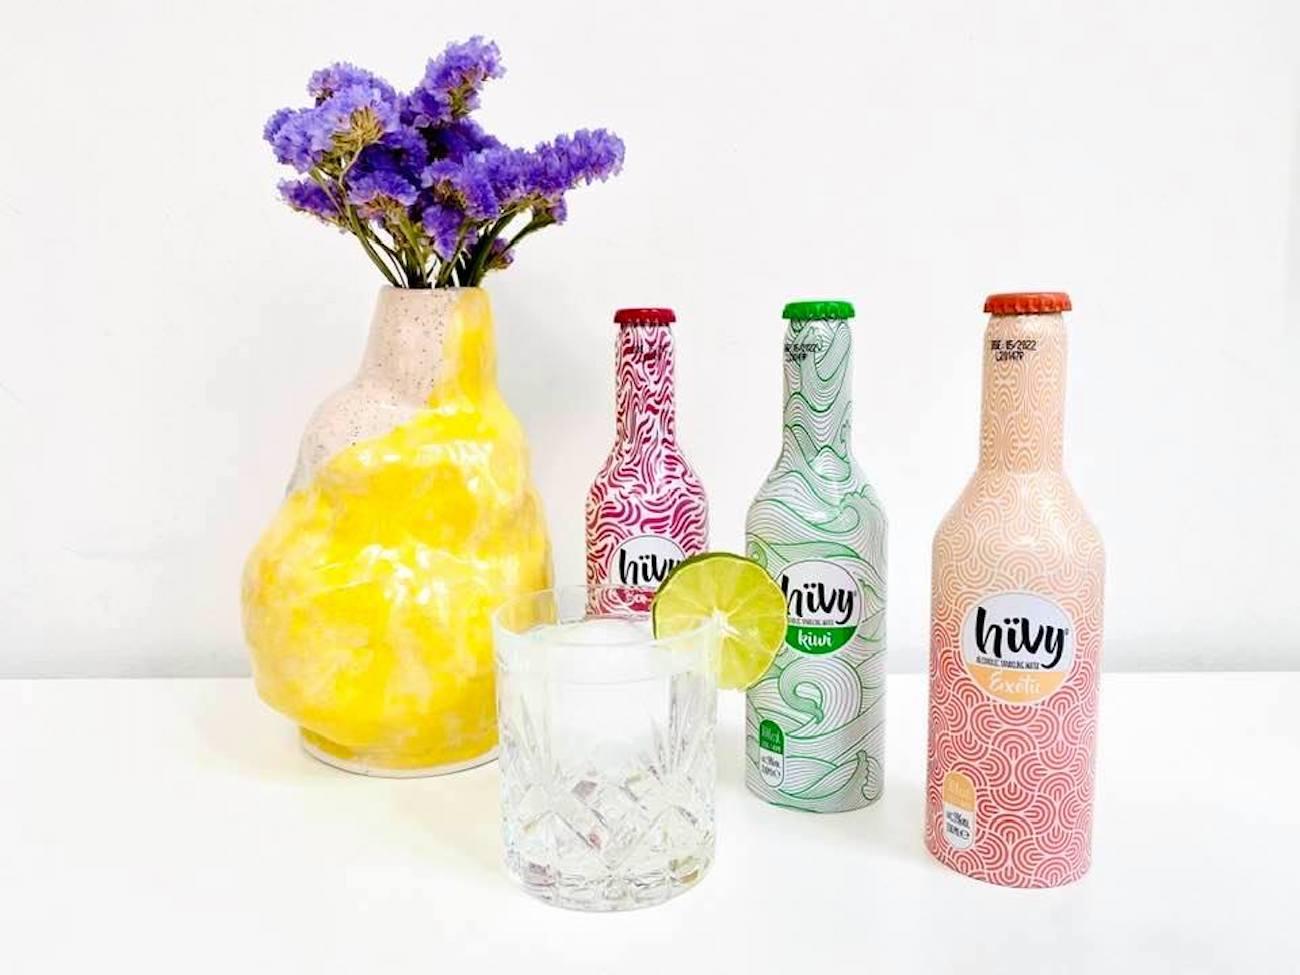 eau alcoolisée Hïvy - Boulettes Magazine